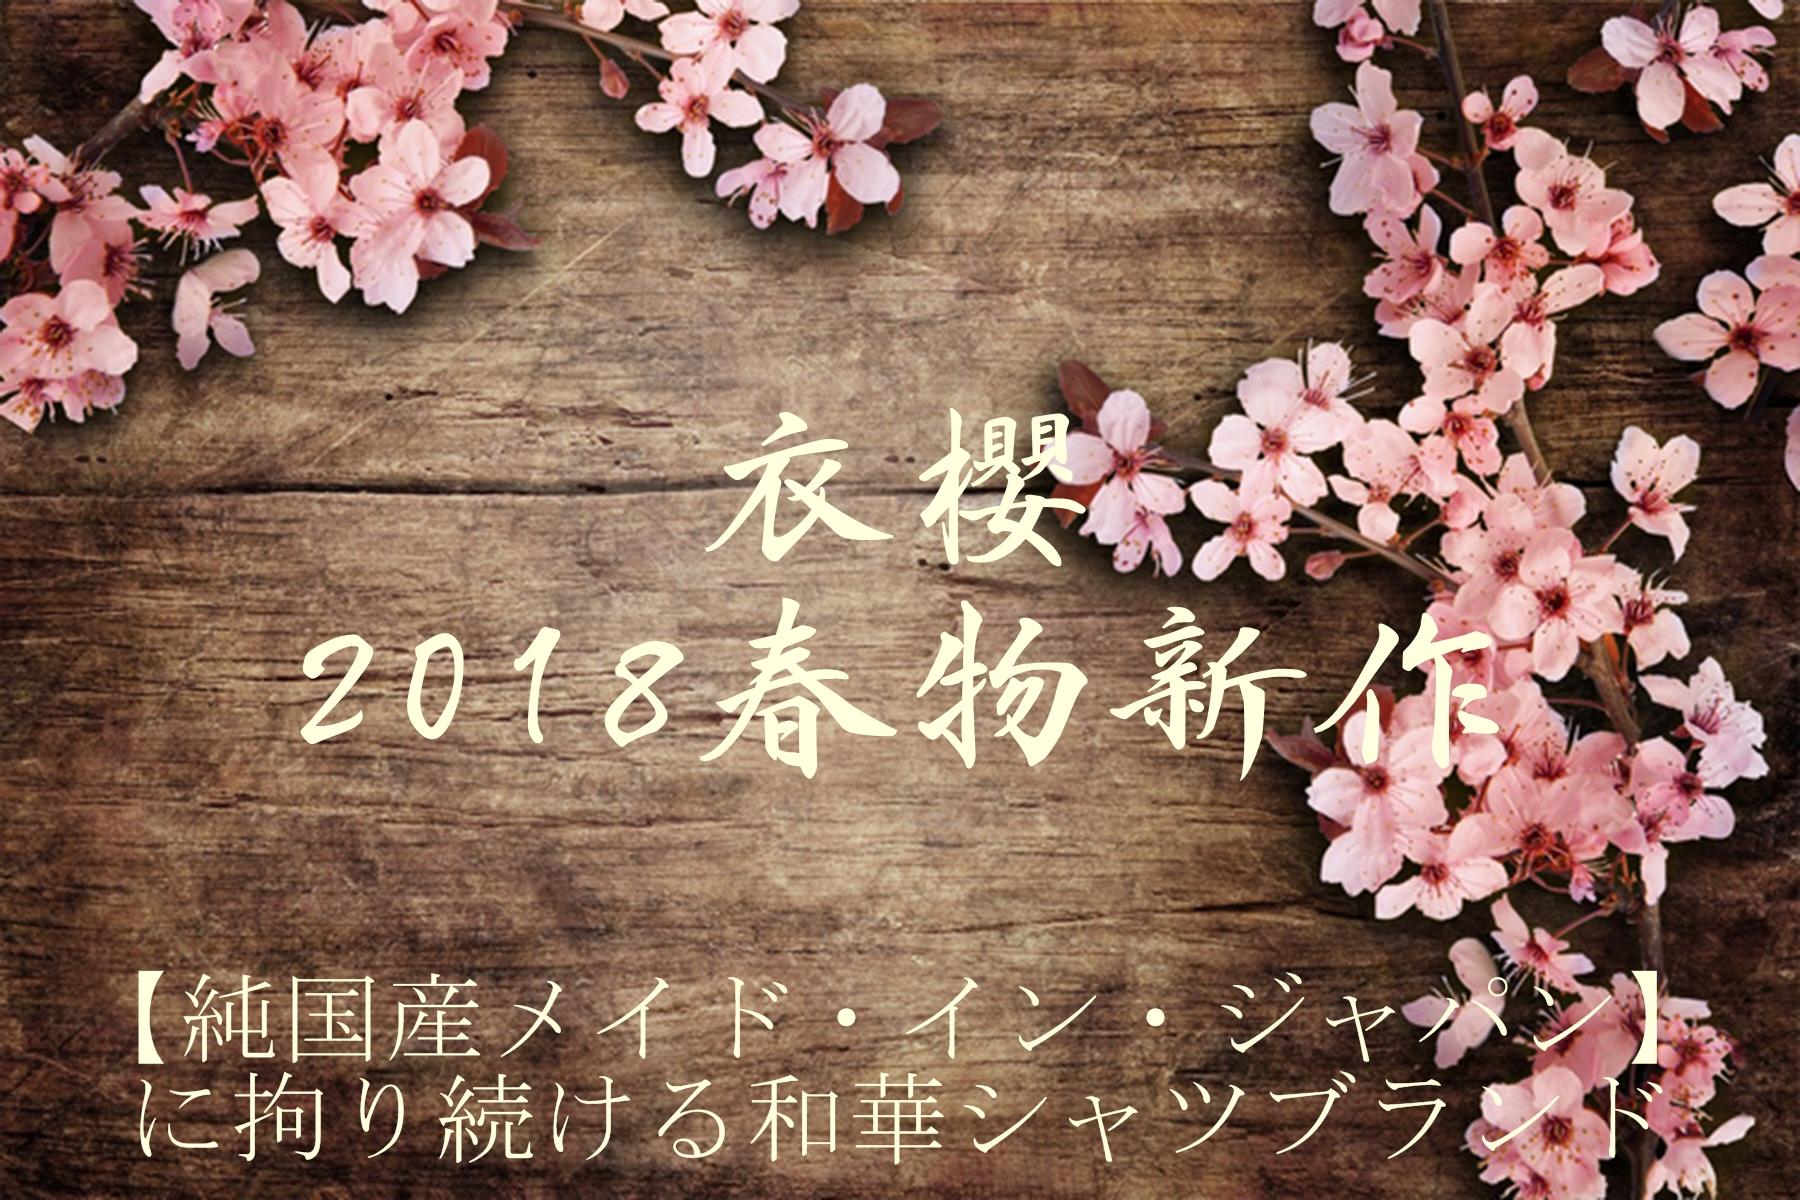 衣櫻の2018年春の和柄シャツ&アロハシャツを紹介!